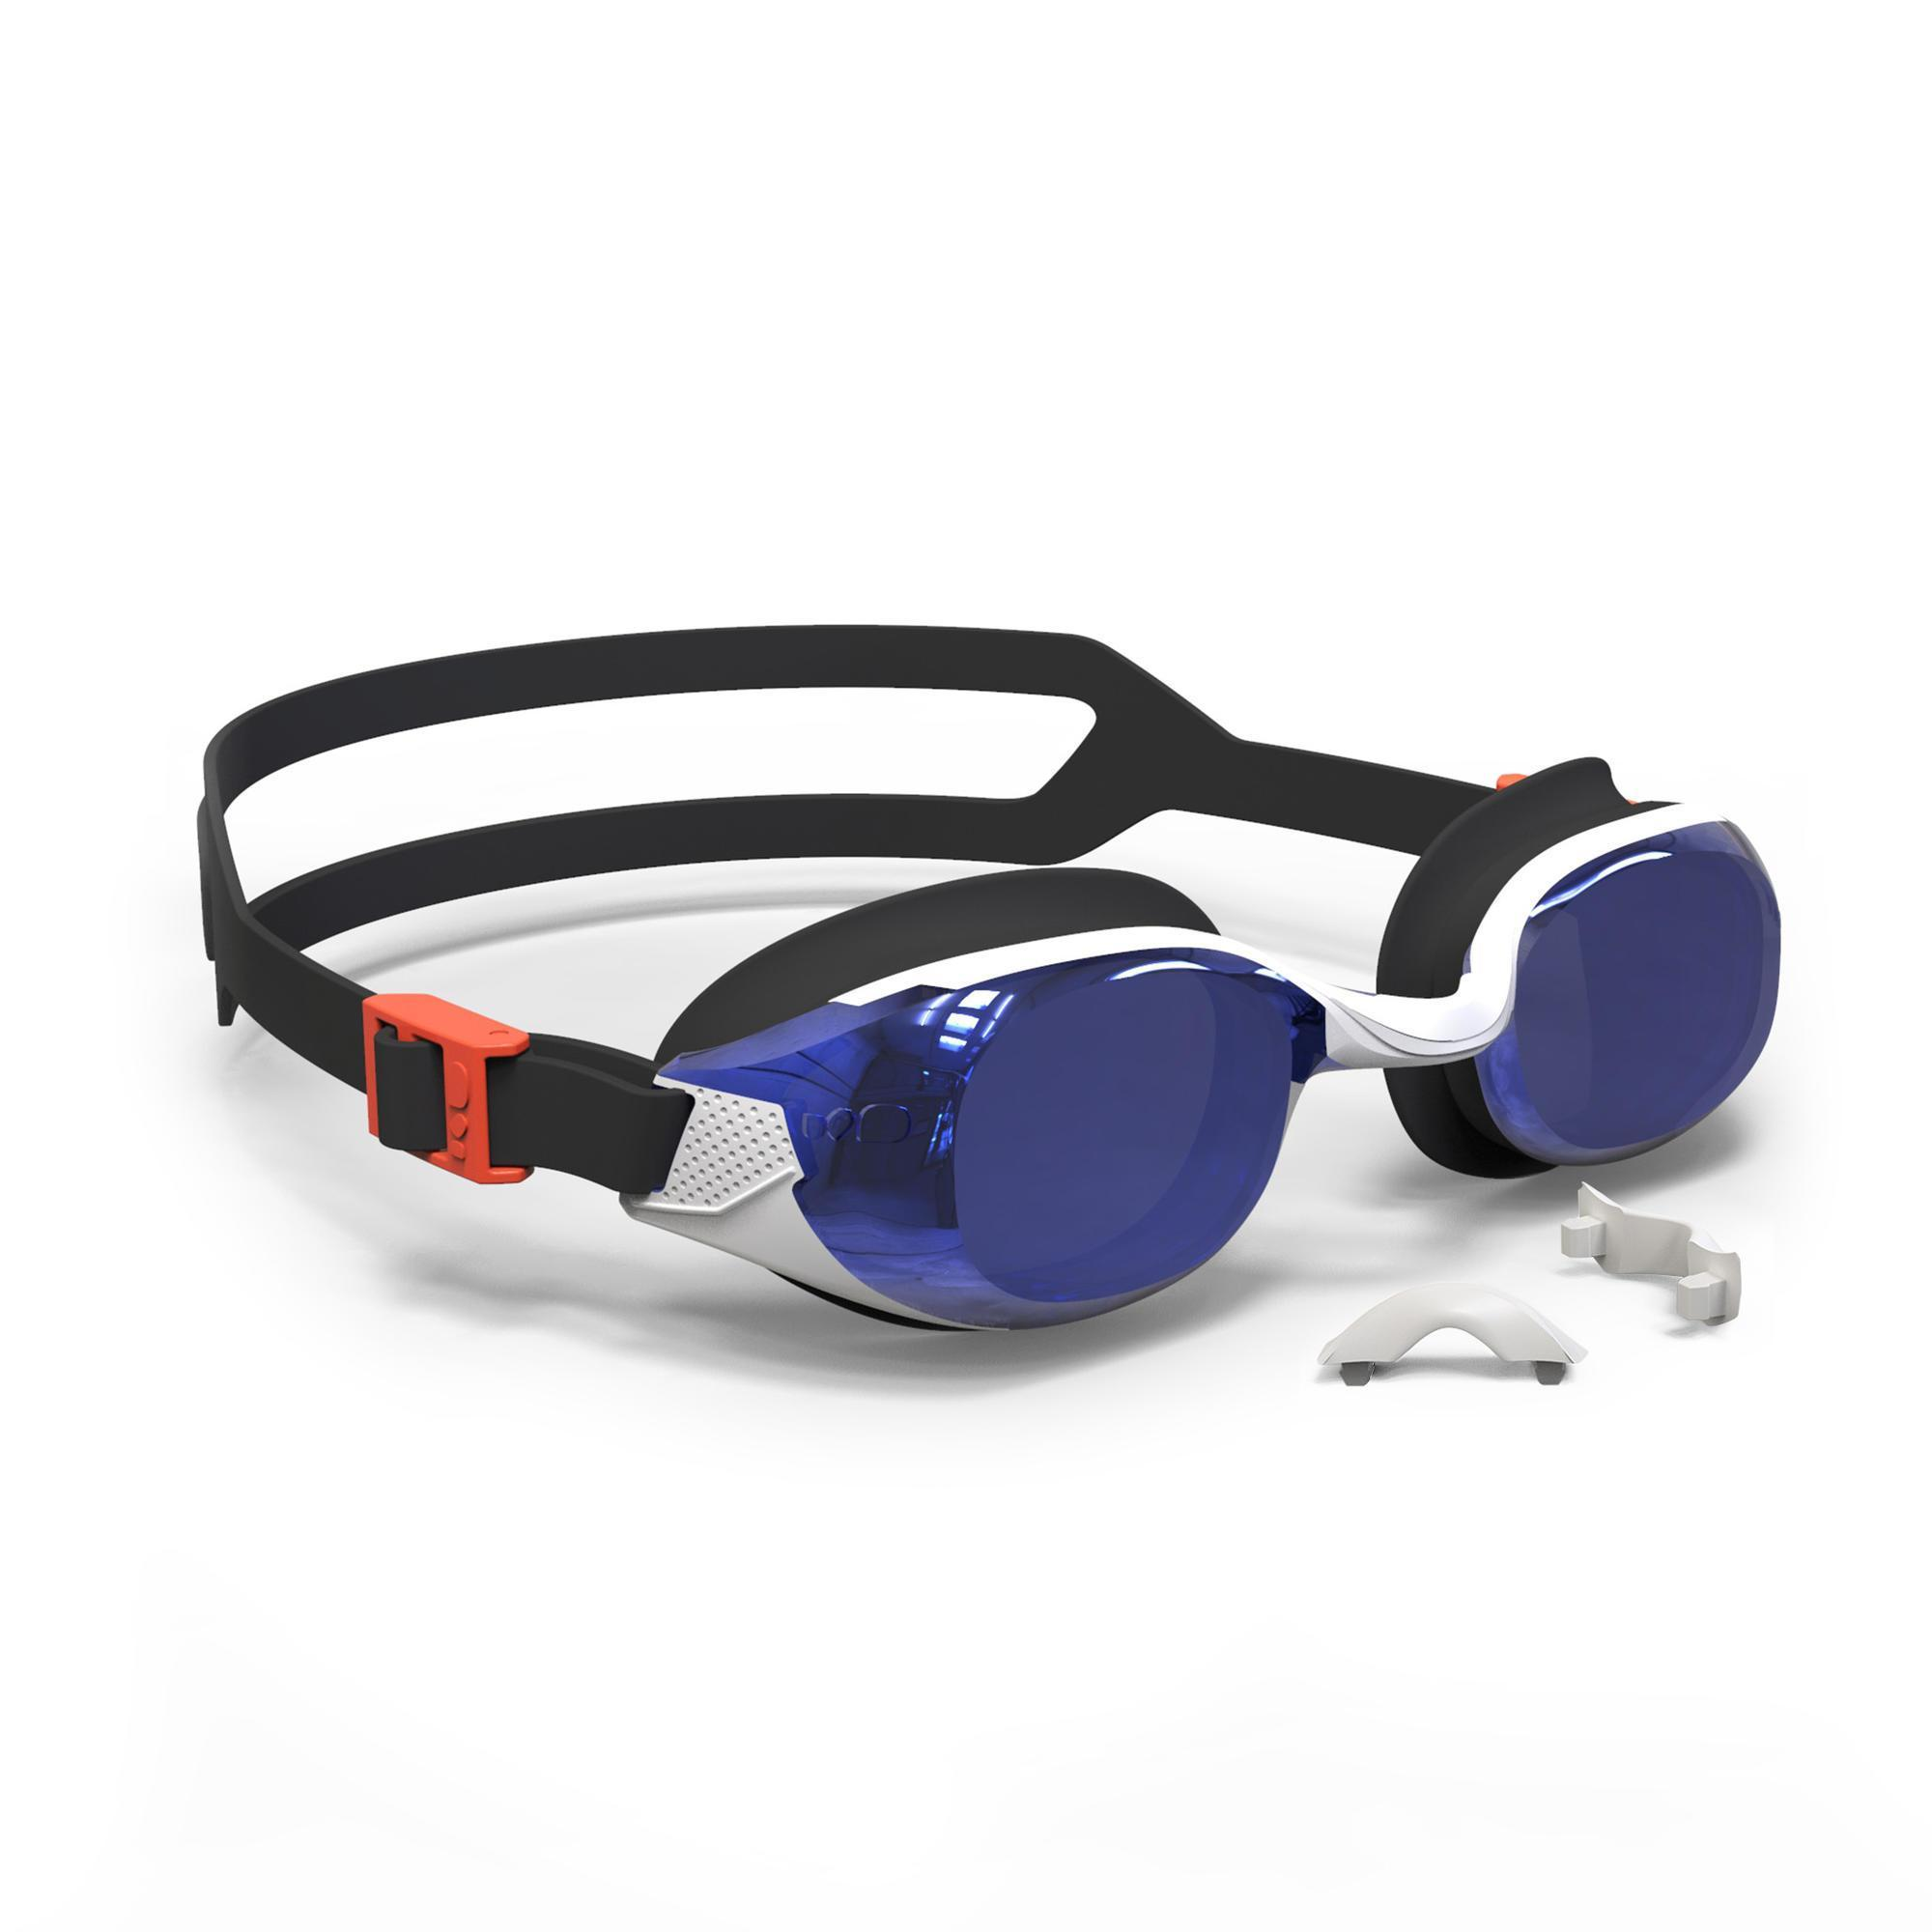 092c57bea3d Gafas Natación Piscina Nabaiji 500 Adulto Negro / Rojo Entrenamiento Antivaho  Nabaiji | Decathlon